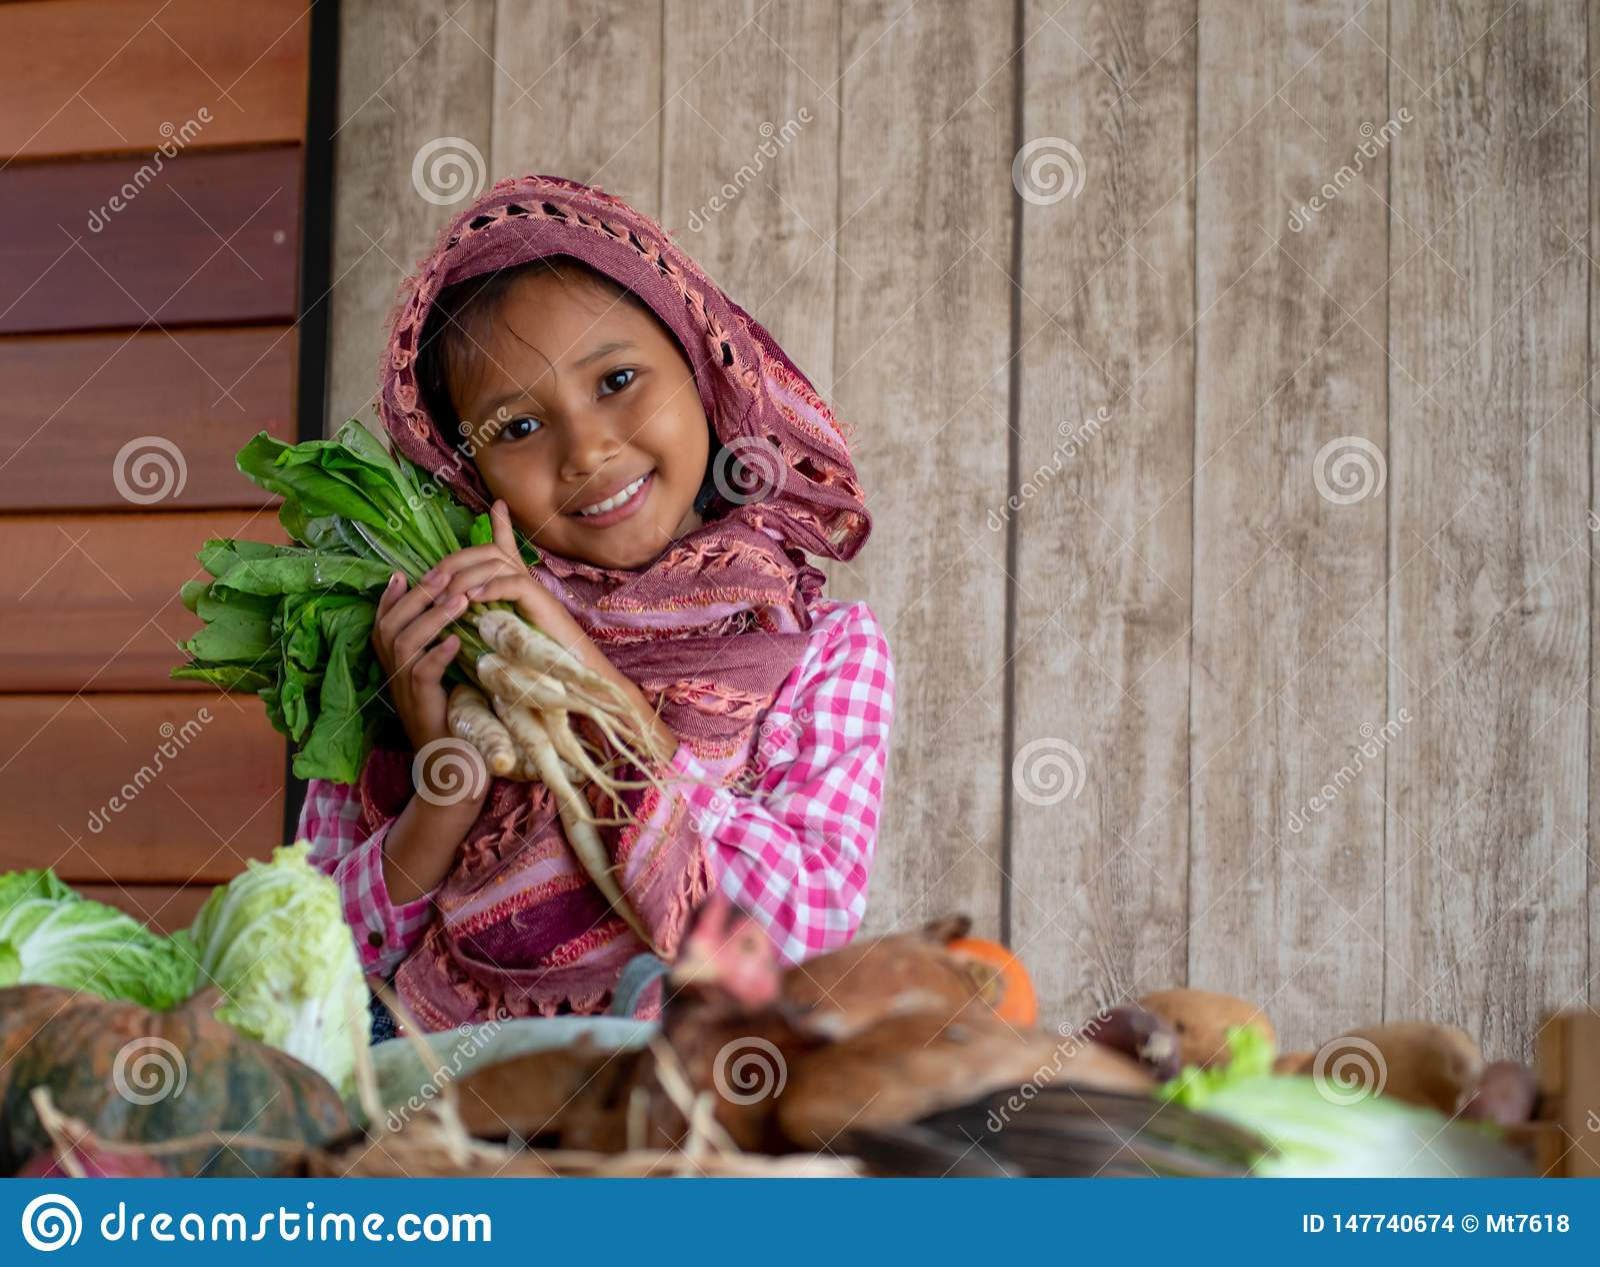 La peque?a mirada asi?tica de la chica joven adelante y la sonrisa entre diversos tipos de verdura tambi?n celebran el r?bano det